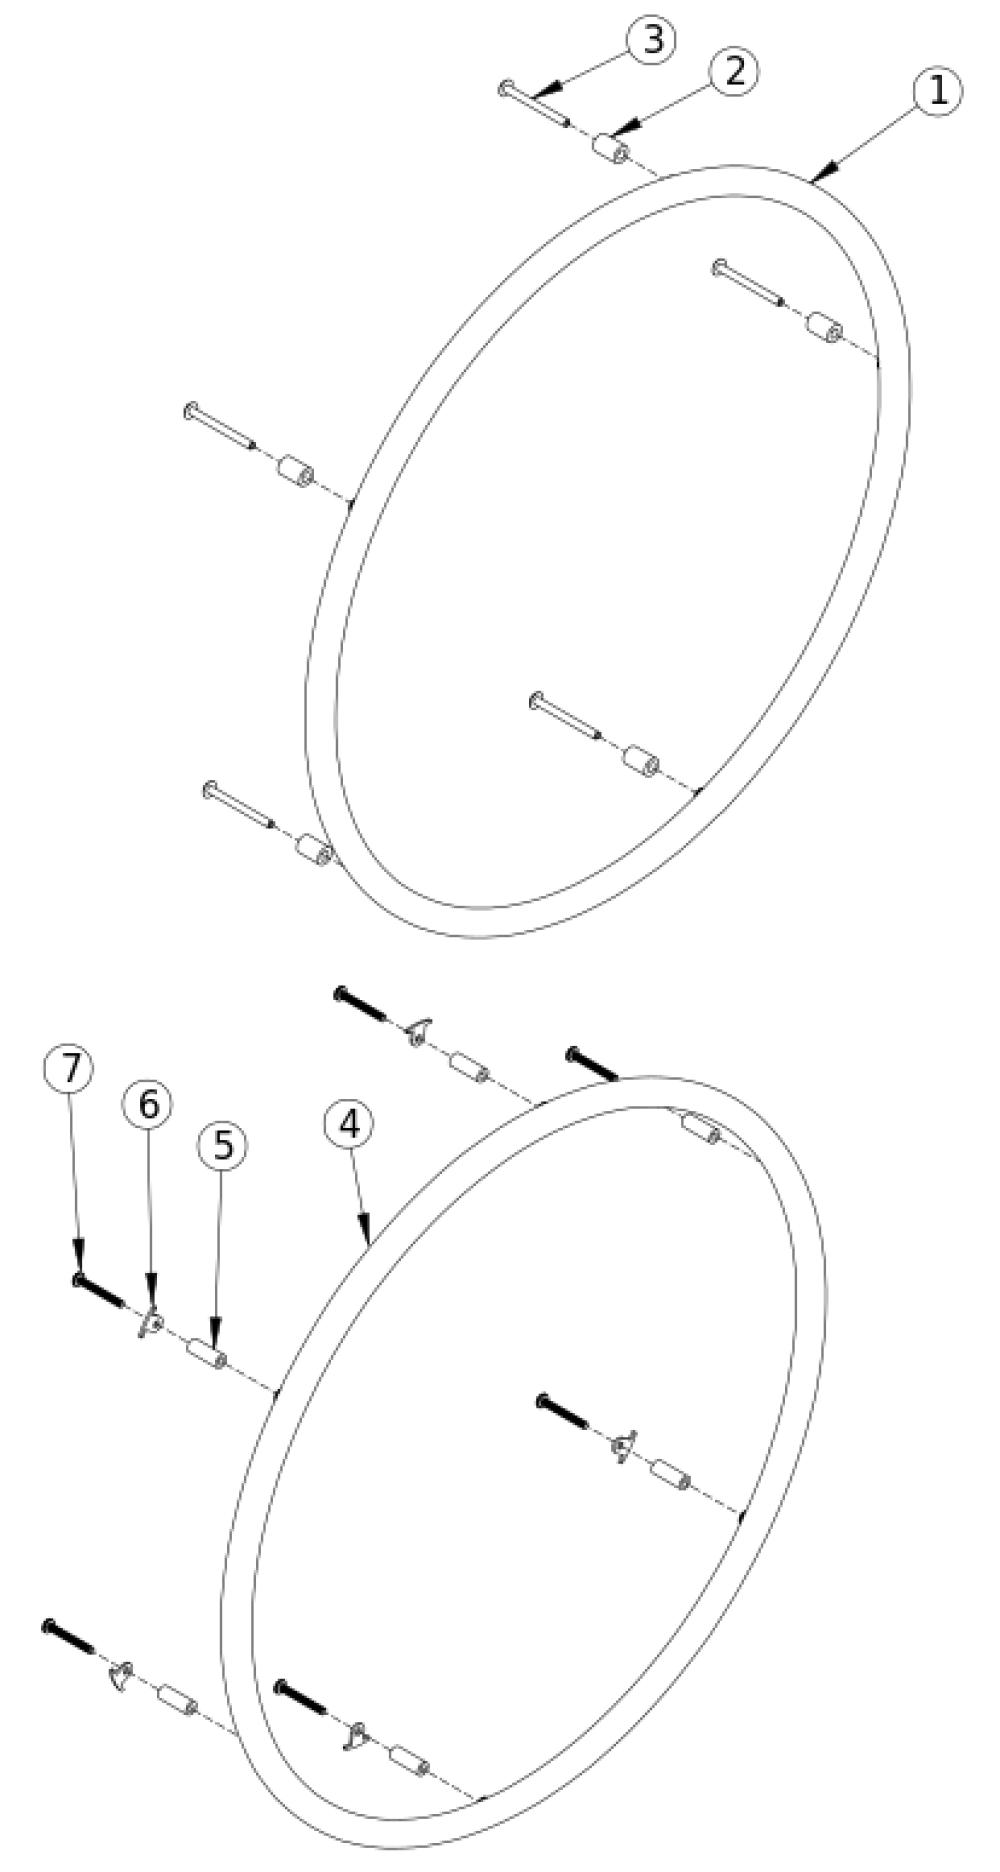 Liberty Ft Plastic Coated Handrim parts diagram